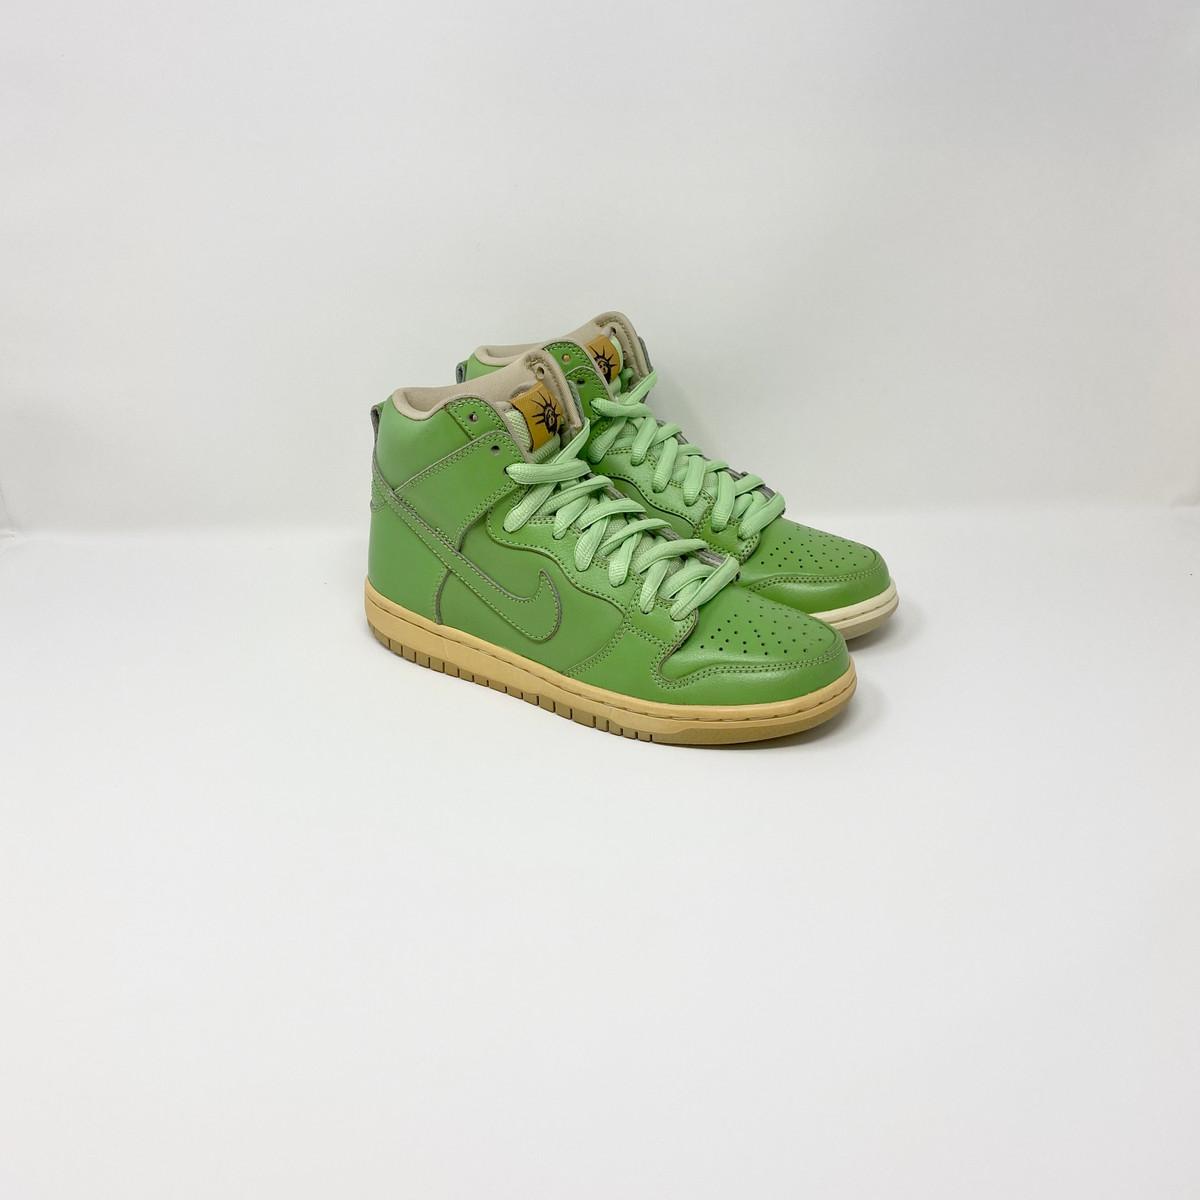 Nike Dunk Hi Prem SB Statue of Liberty